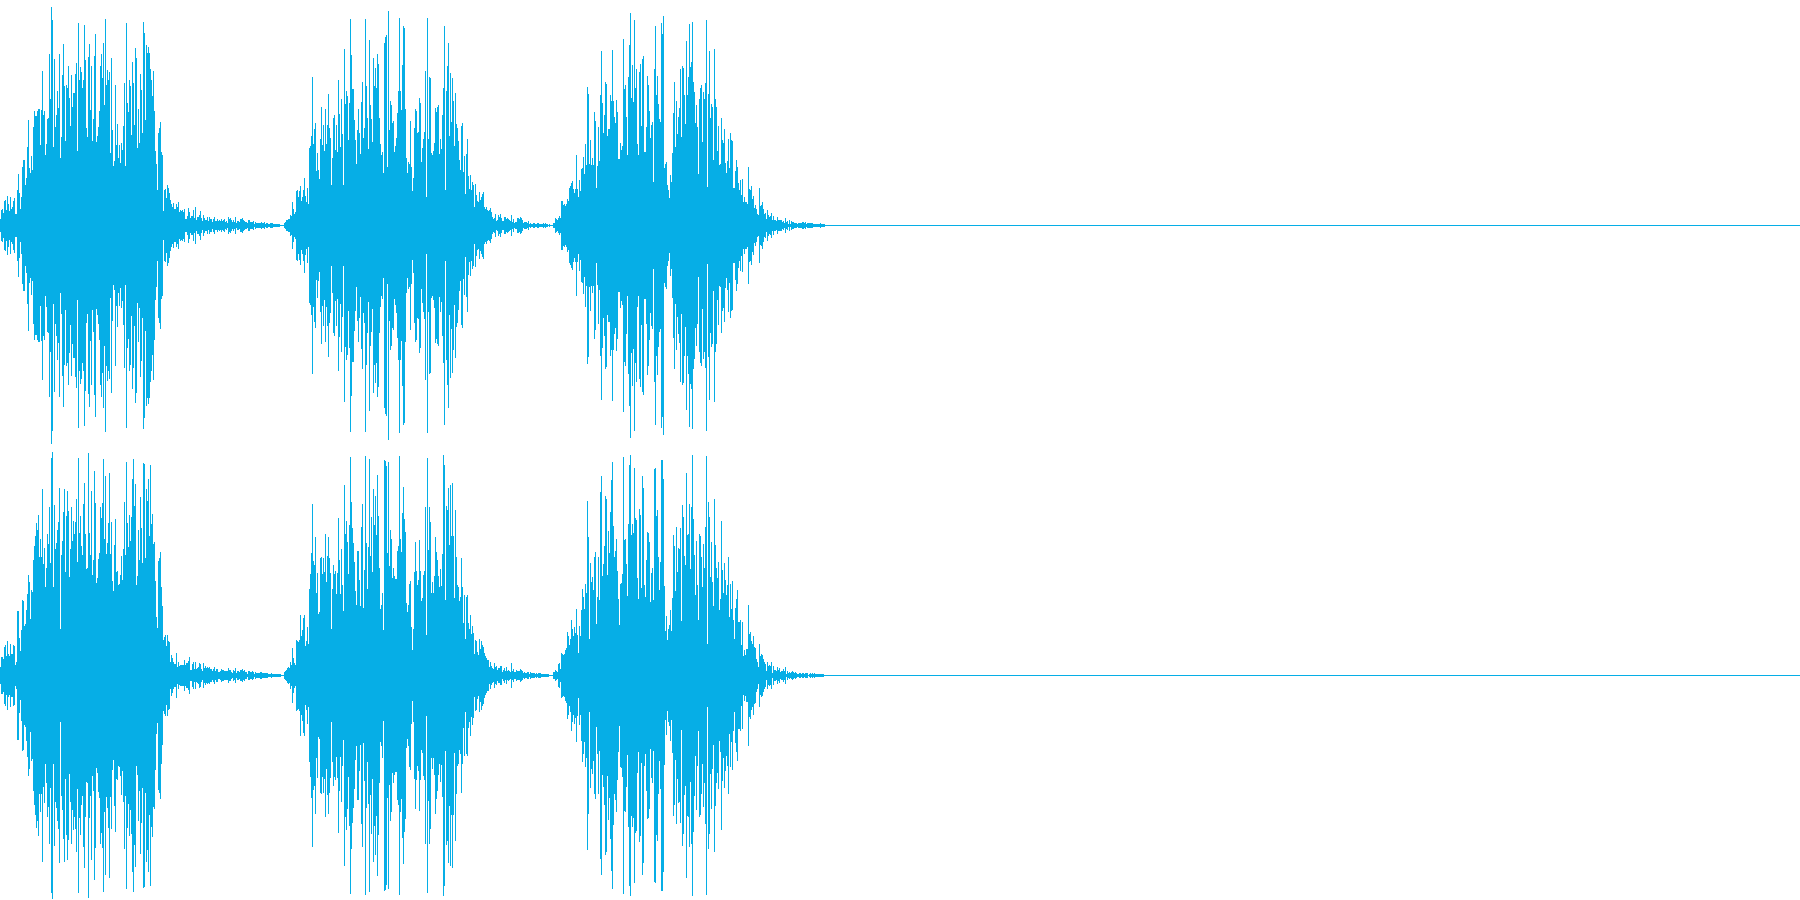 犬が吠える(ワンワンワン)の再生済みの波形